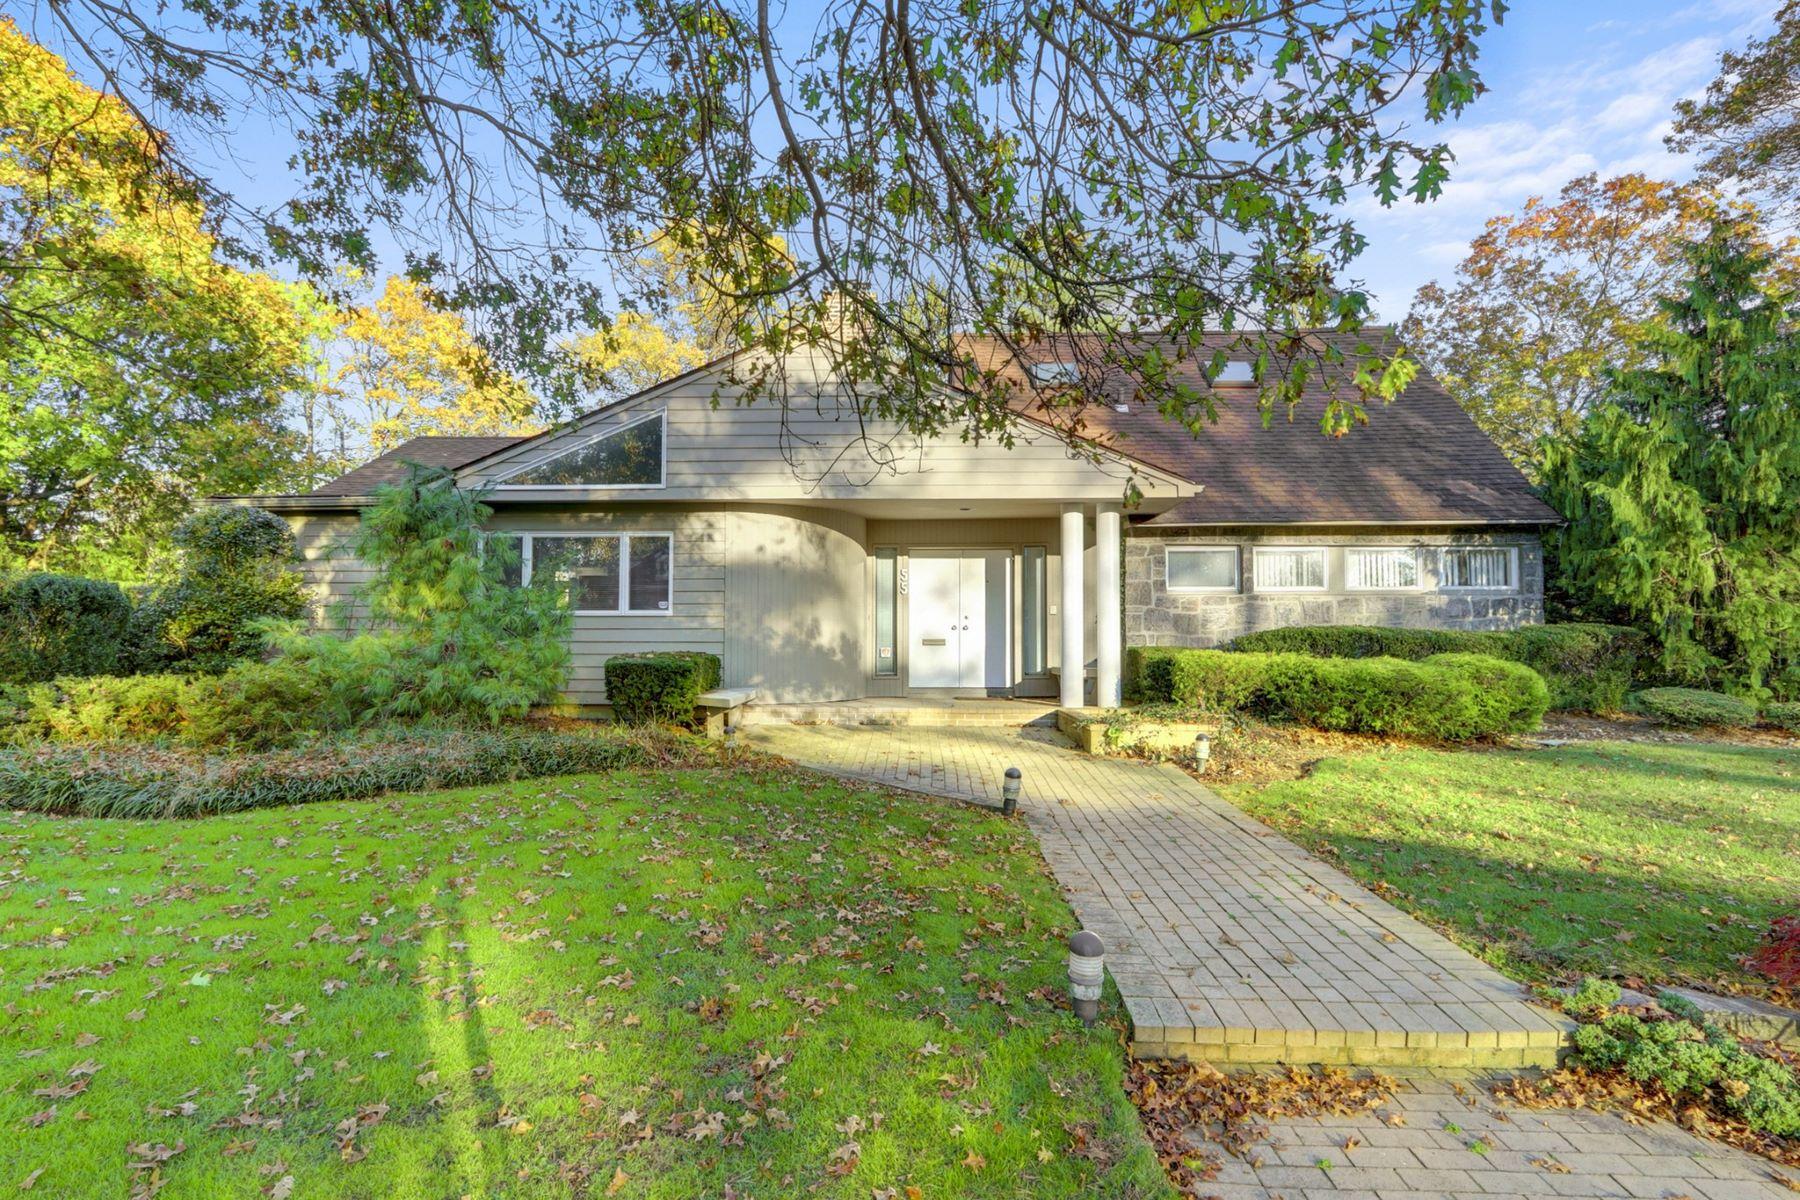 Single Family Homes für Verkauf beim Roslyn Heights 55 Field Ln, Roslyn Heights, New York 11577 Vereinigte Staaten